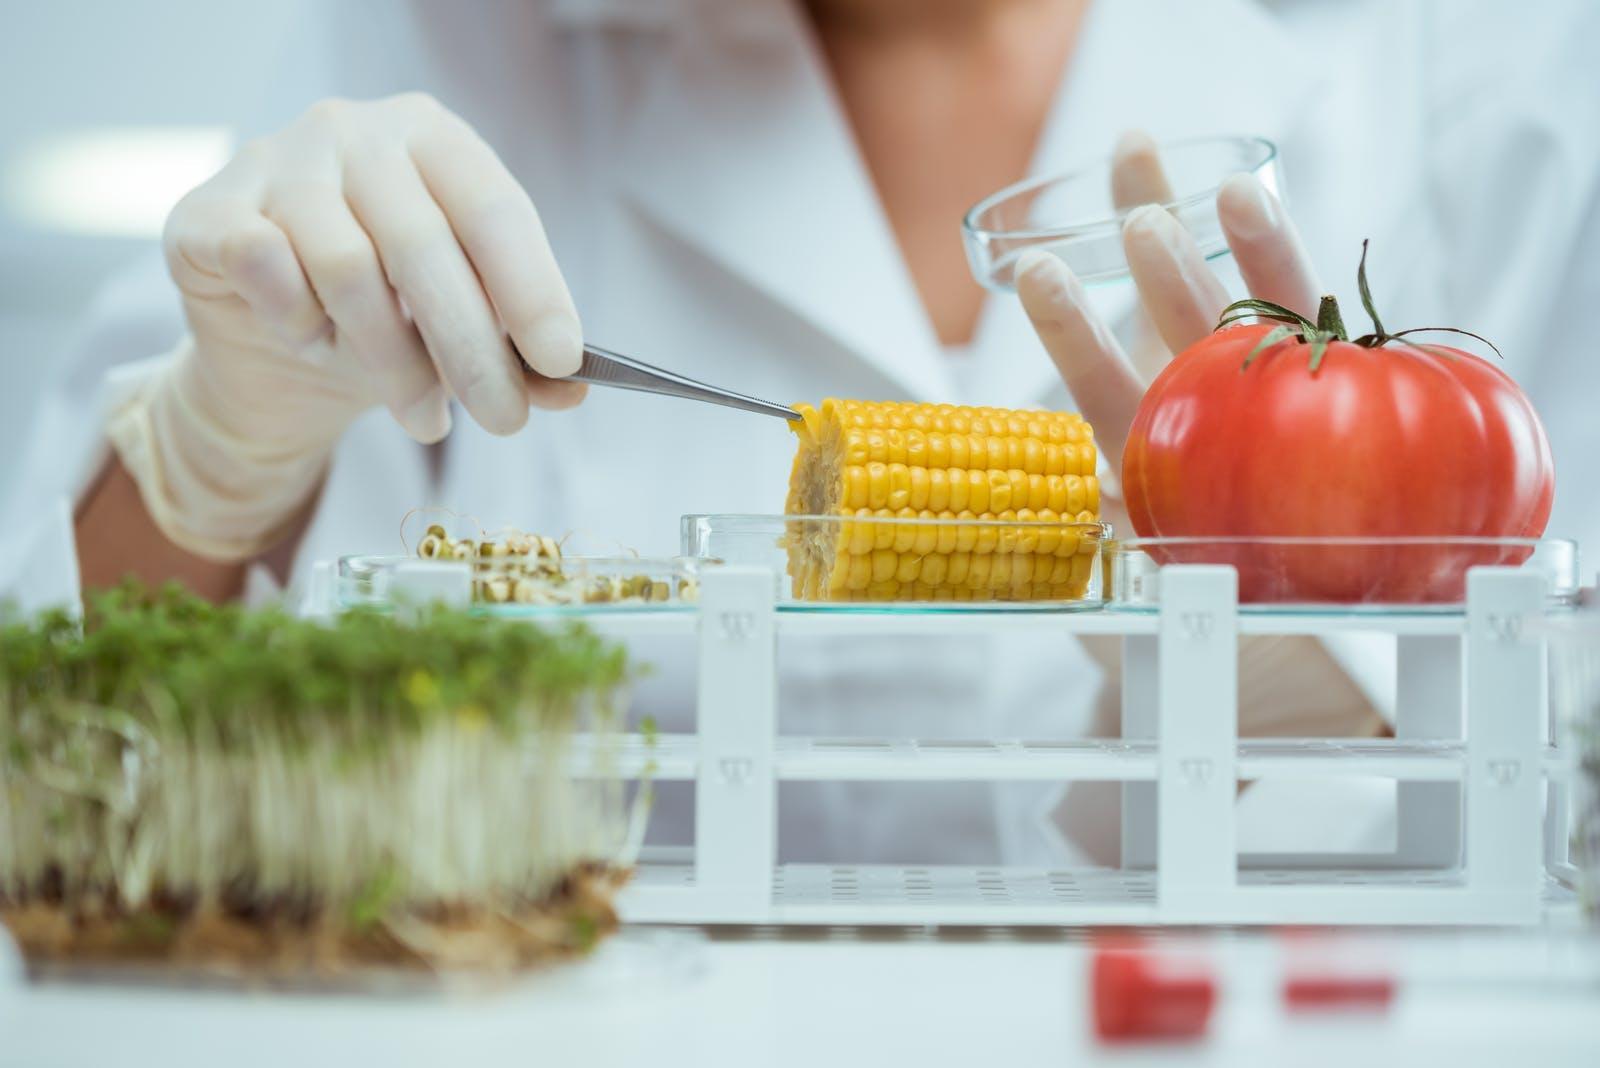 Livsmedelsindustrins grepp om nutritionsforskningen